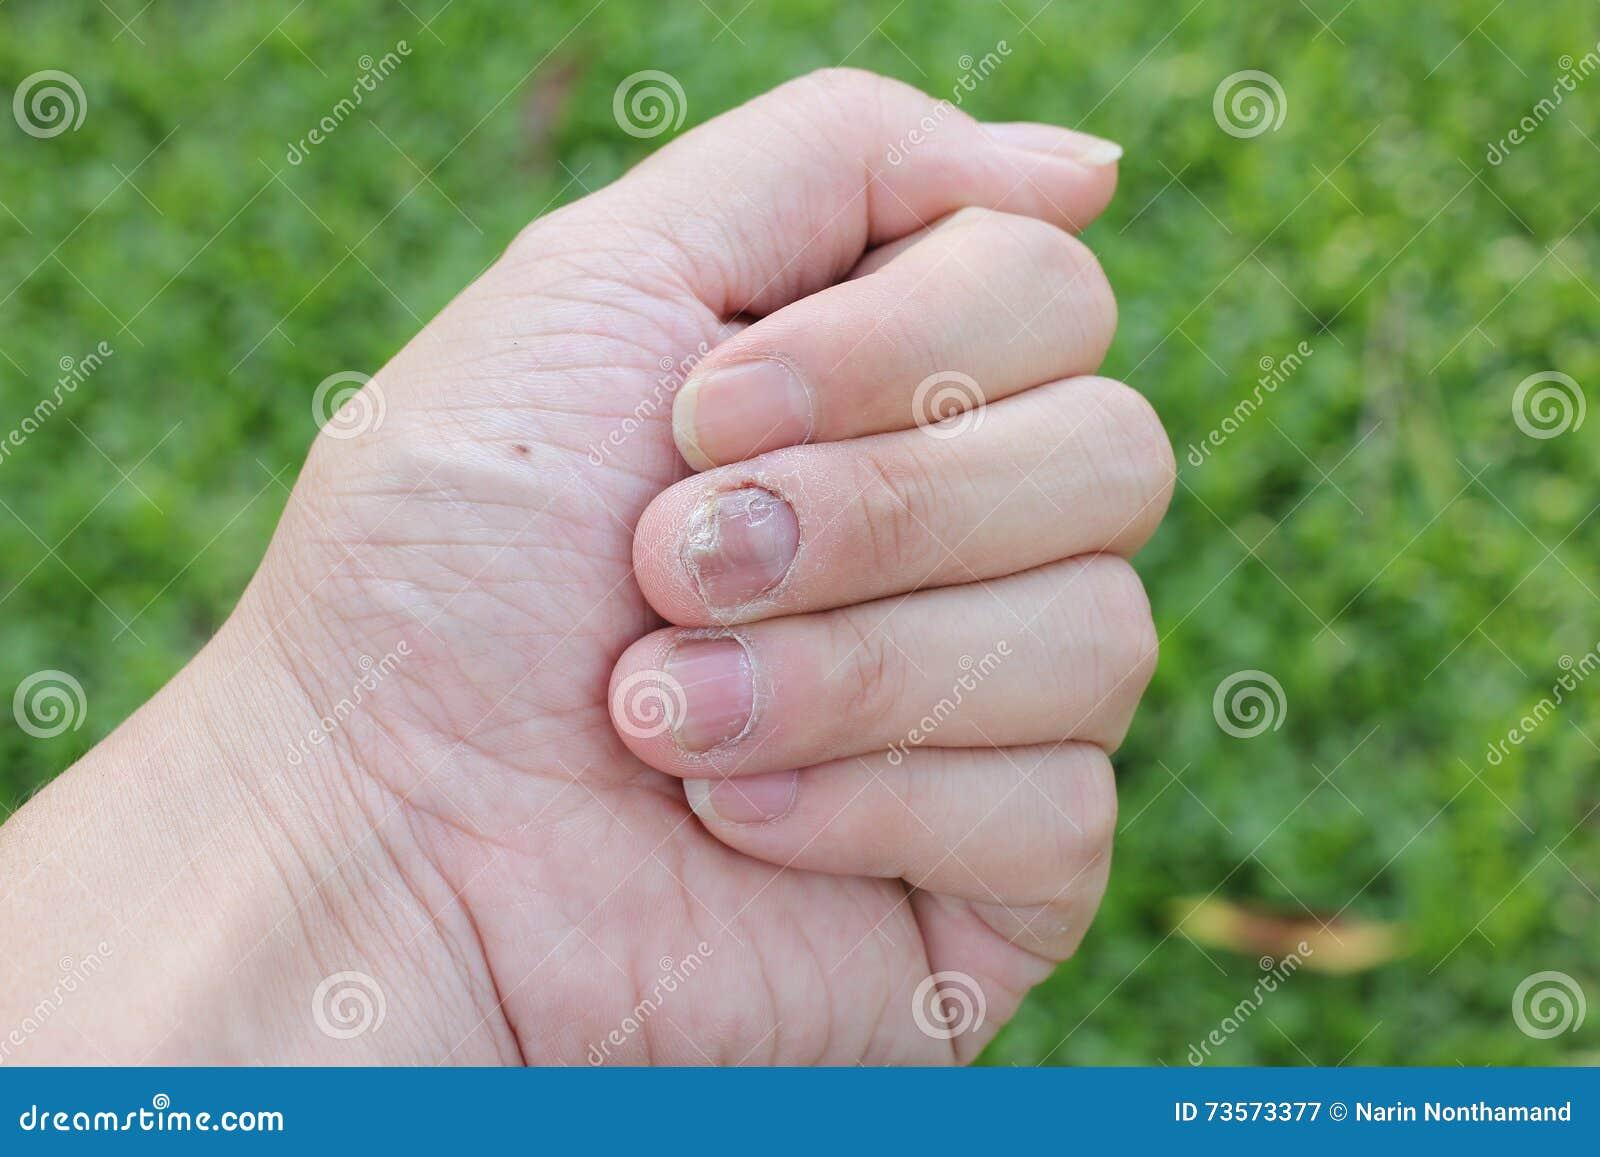 Doigt avec l 39 onychomycosis un champignon d 39 ongle de pied foyer mou image stock image 73573377 - Coupe des ongles de pieds ...